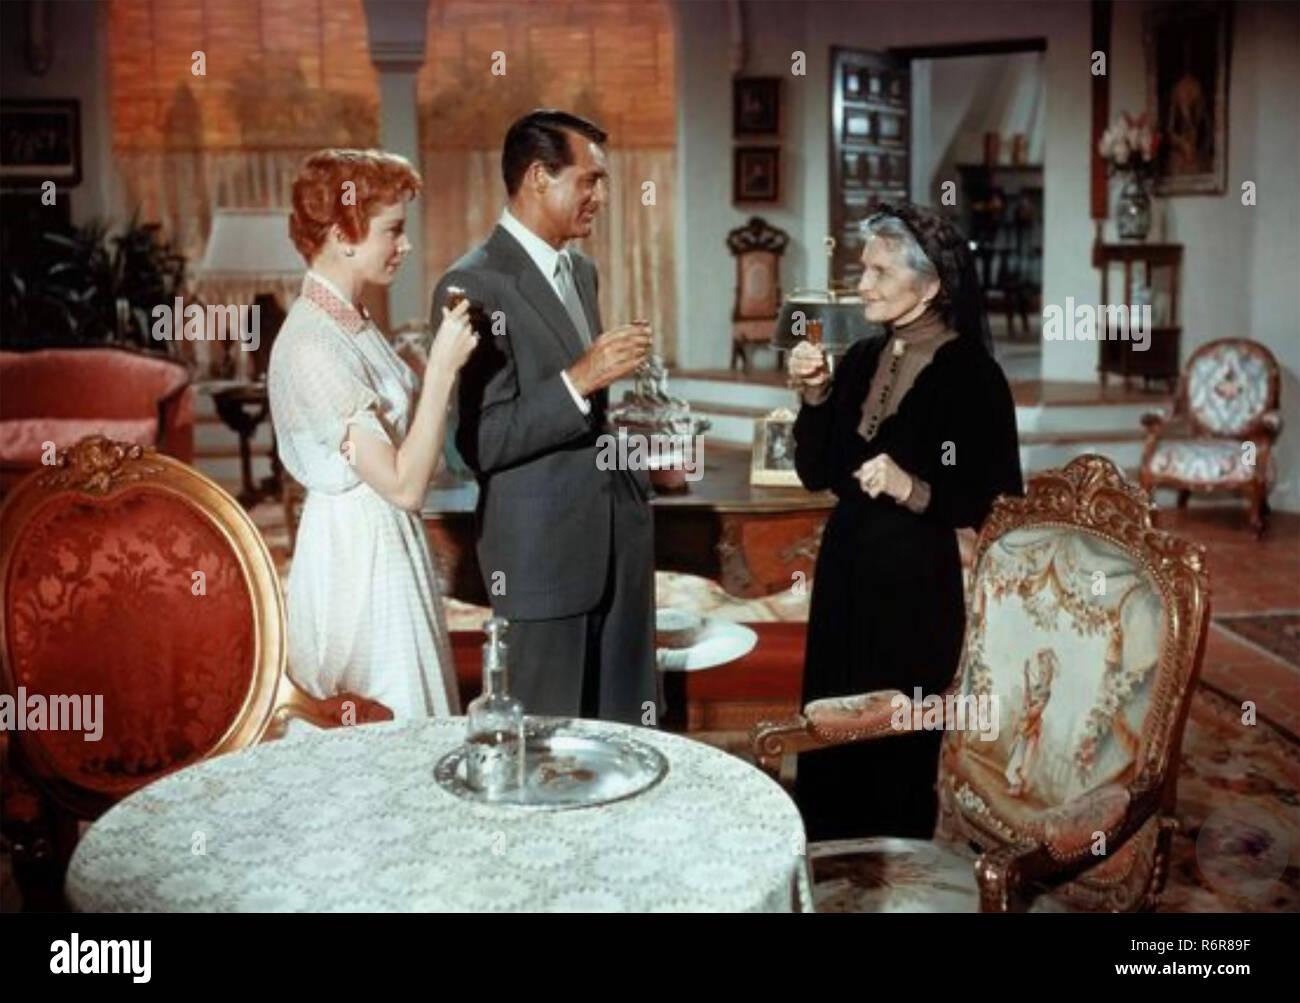 Eine AFFÄRE ZU ERINNERN, 1957 Twentieth Century Fox Film mit Von links: Deborah Kerr, Cary Grant, Cathleen Nesbitt. Stockbild